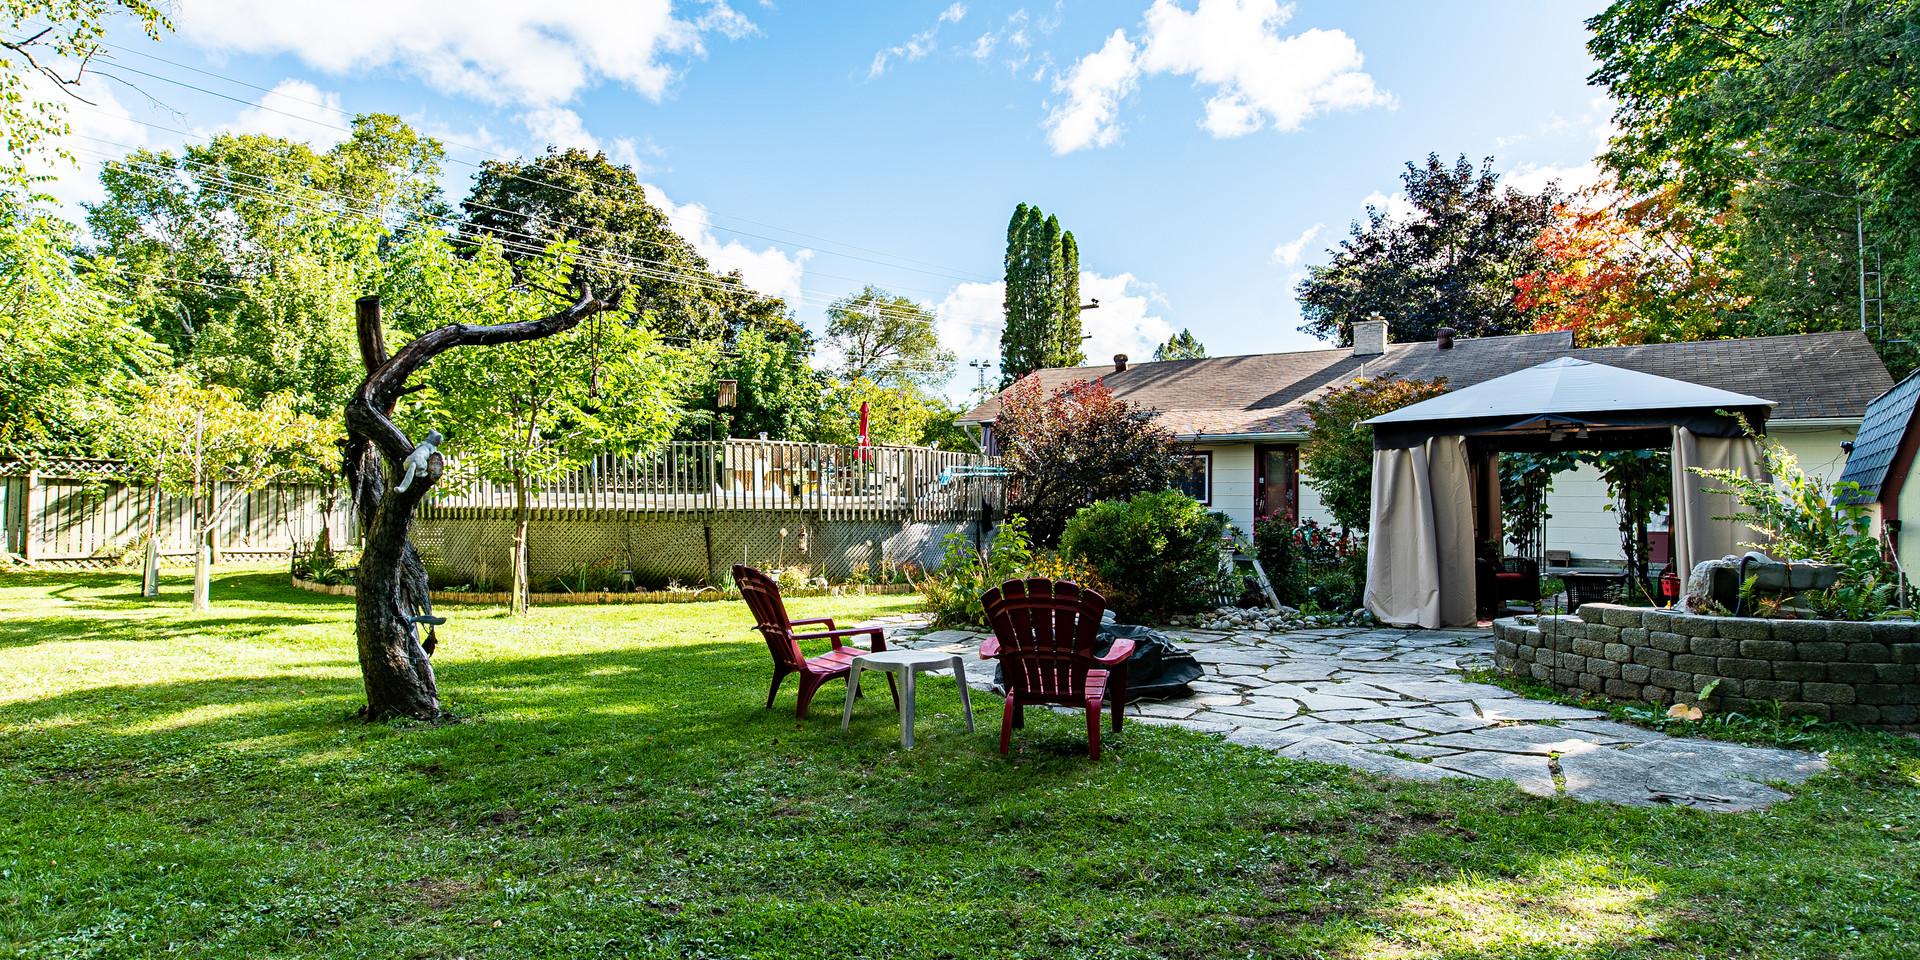 Exterior_Backyard2.jpg